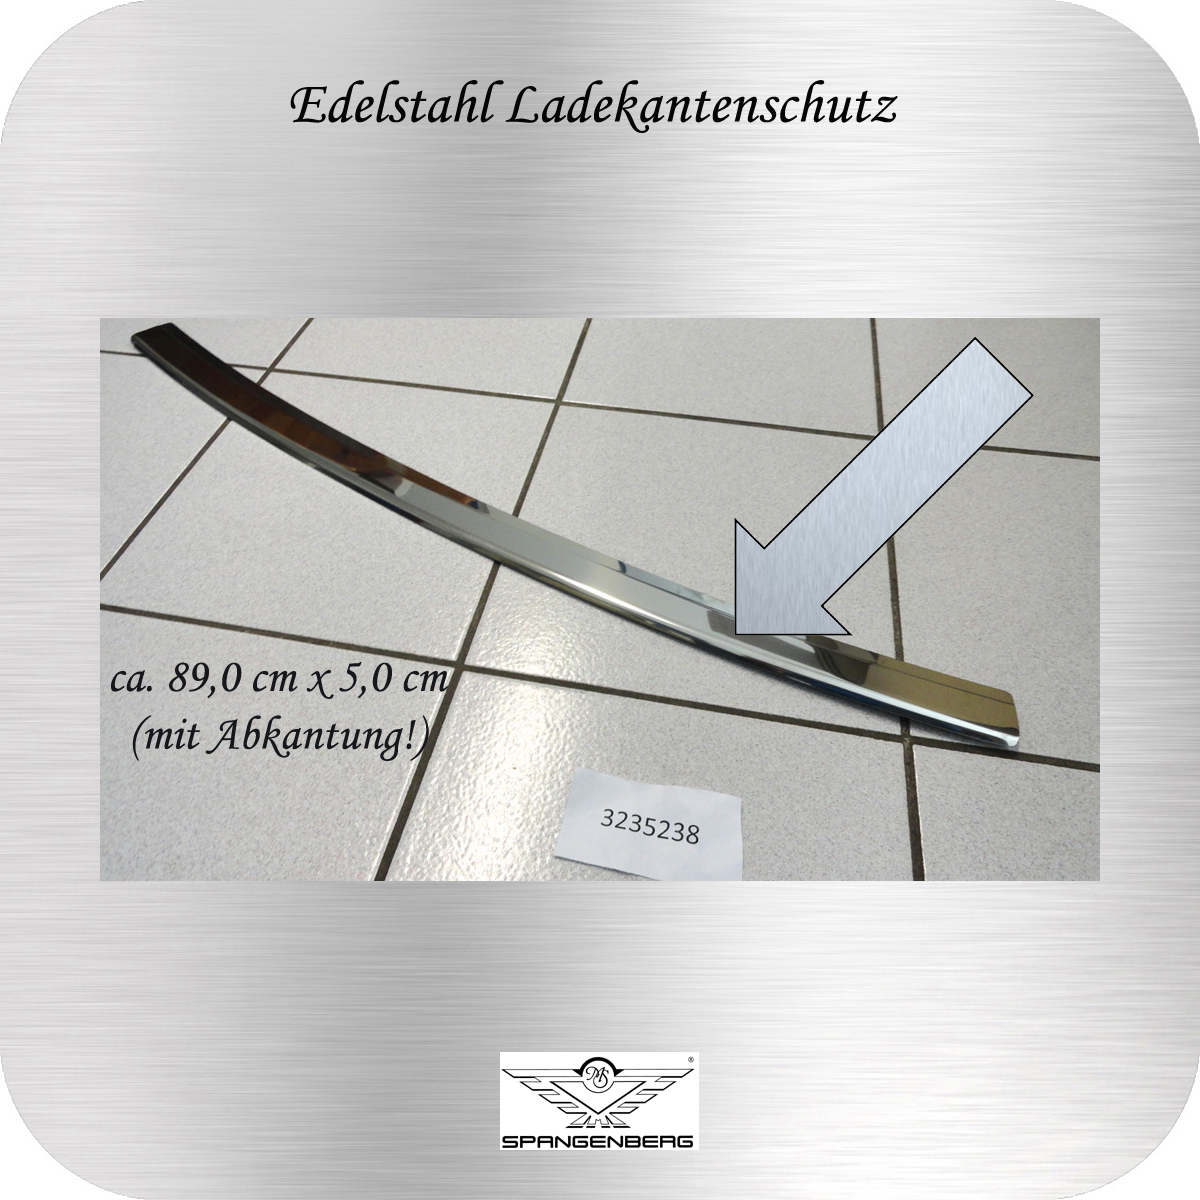 Ladekantenschutz Edelstahl poliert Skoda Fabia II Combi Typ 545 2007- 3235238